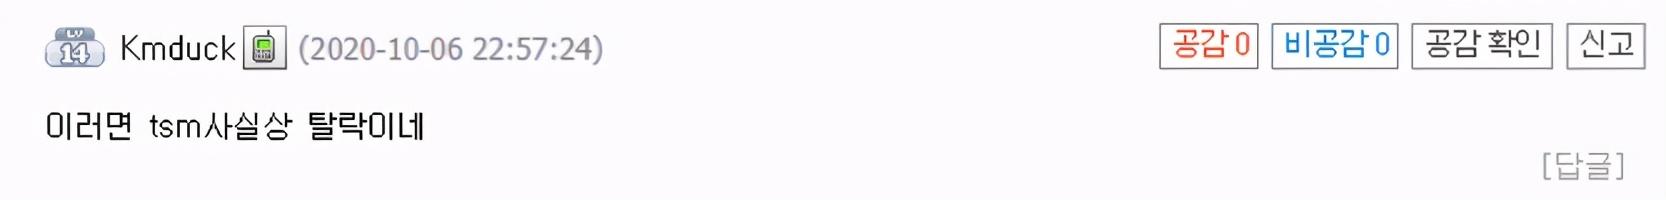 韩网热议LPL三战全胜:knight状态不比MSC,真是万幸